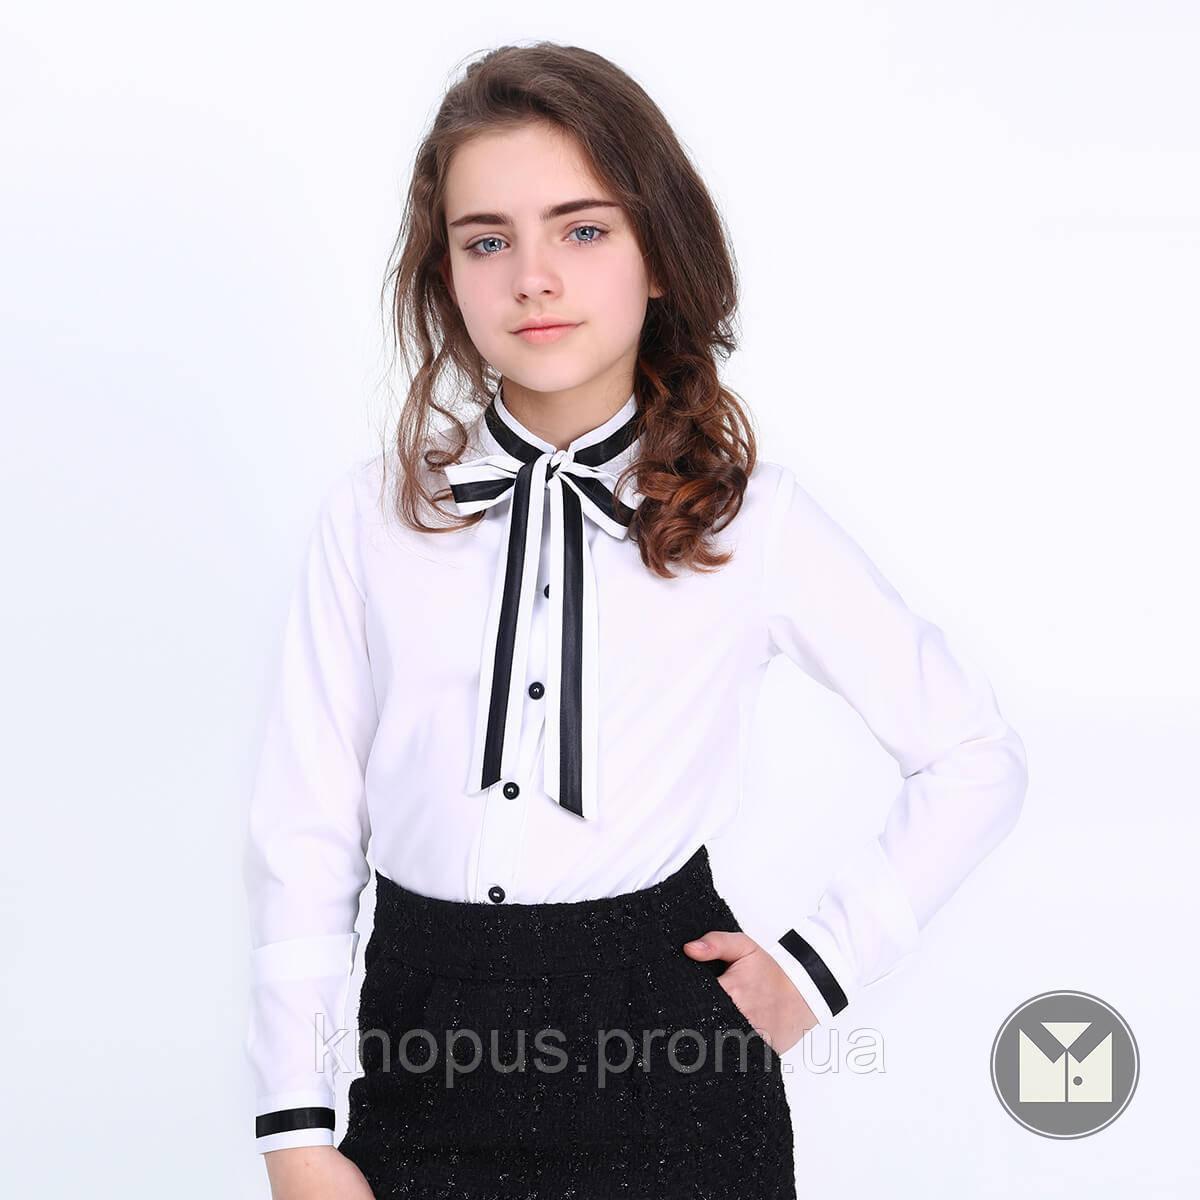 Блуза  белая с длинным рукавом, воротник стойка,  бант, Sandra, Тимбо